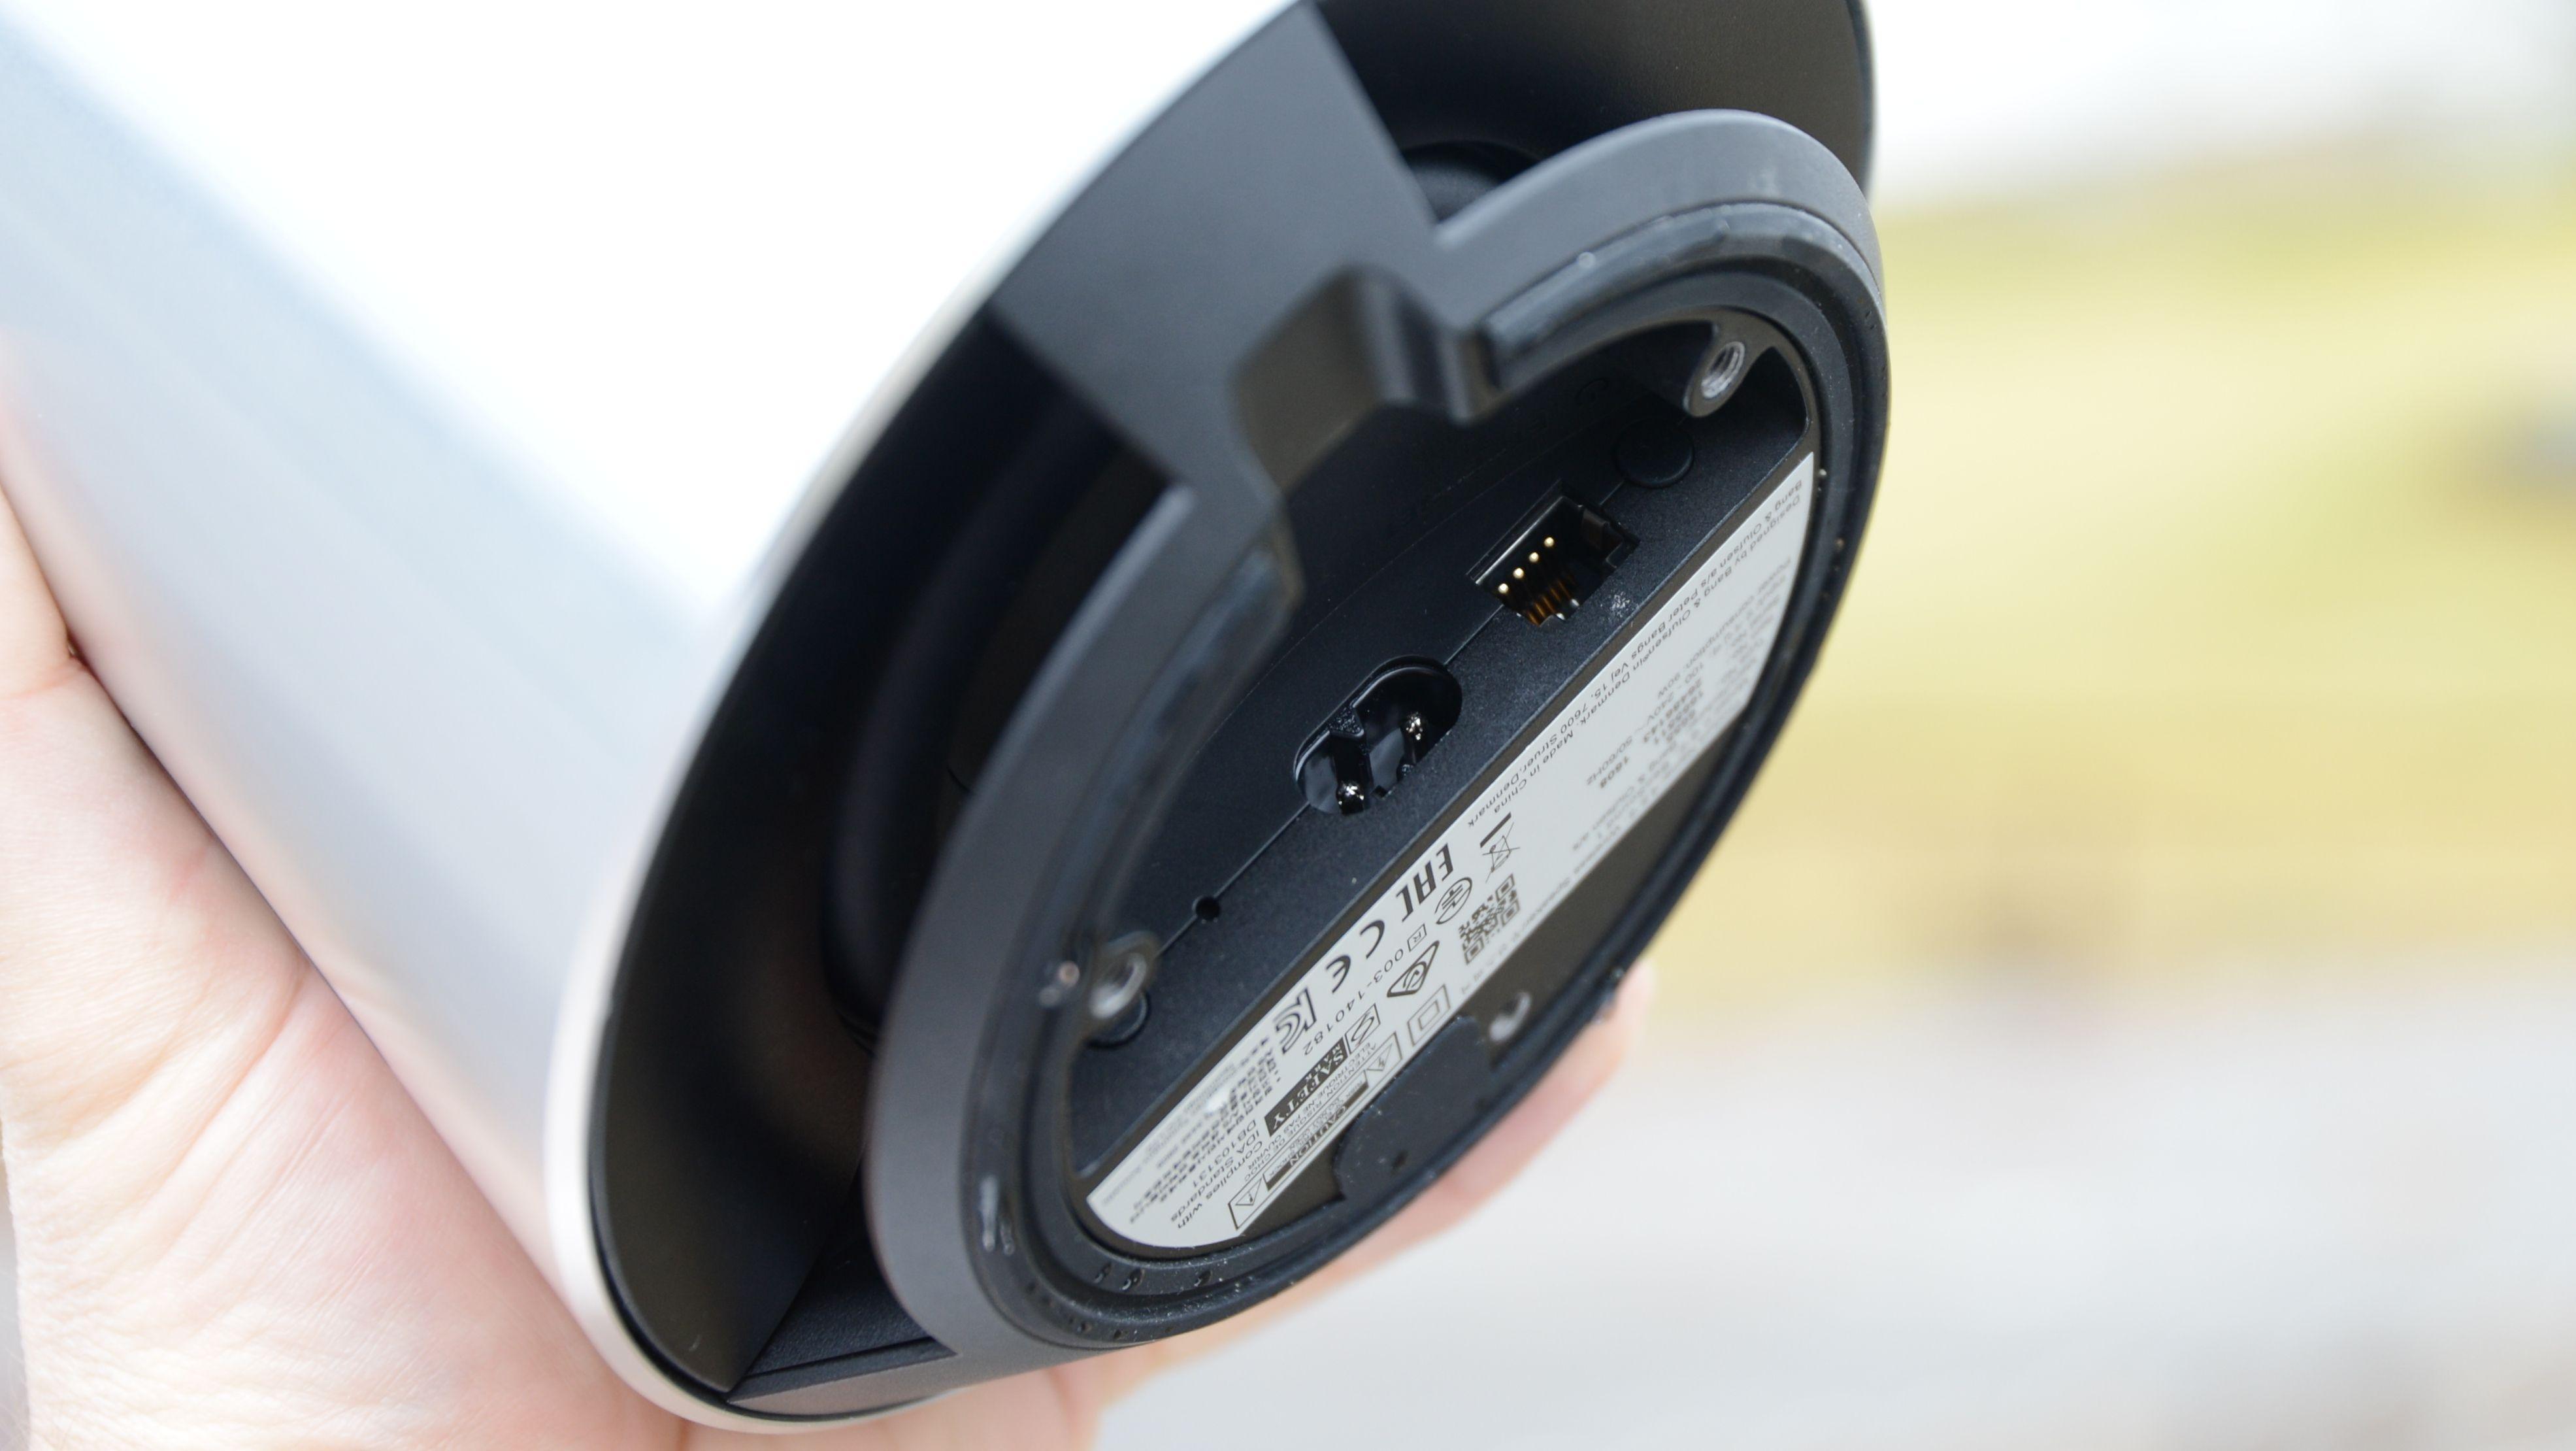 På undersiden finner du tilkoblinger som strøm og nettverk. Samtidig kan du skimte basselementet på oversiden av rammen.